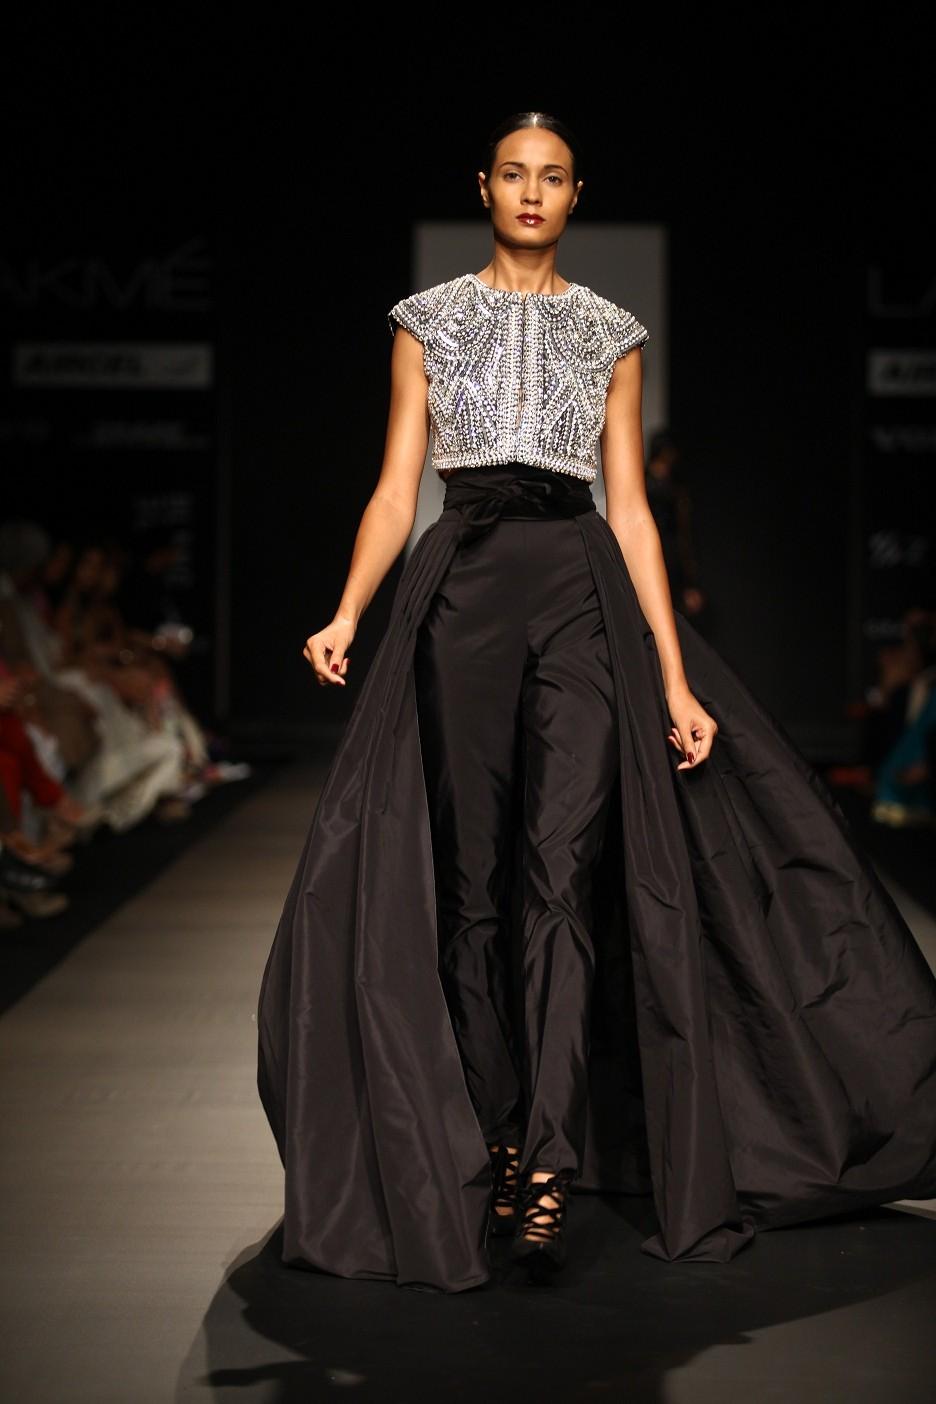 Fashion Editorial amp Stories  Farfetch